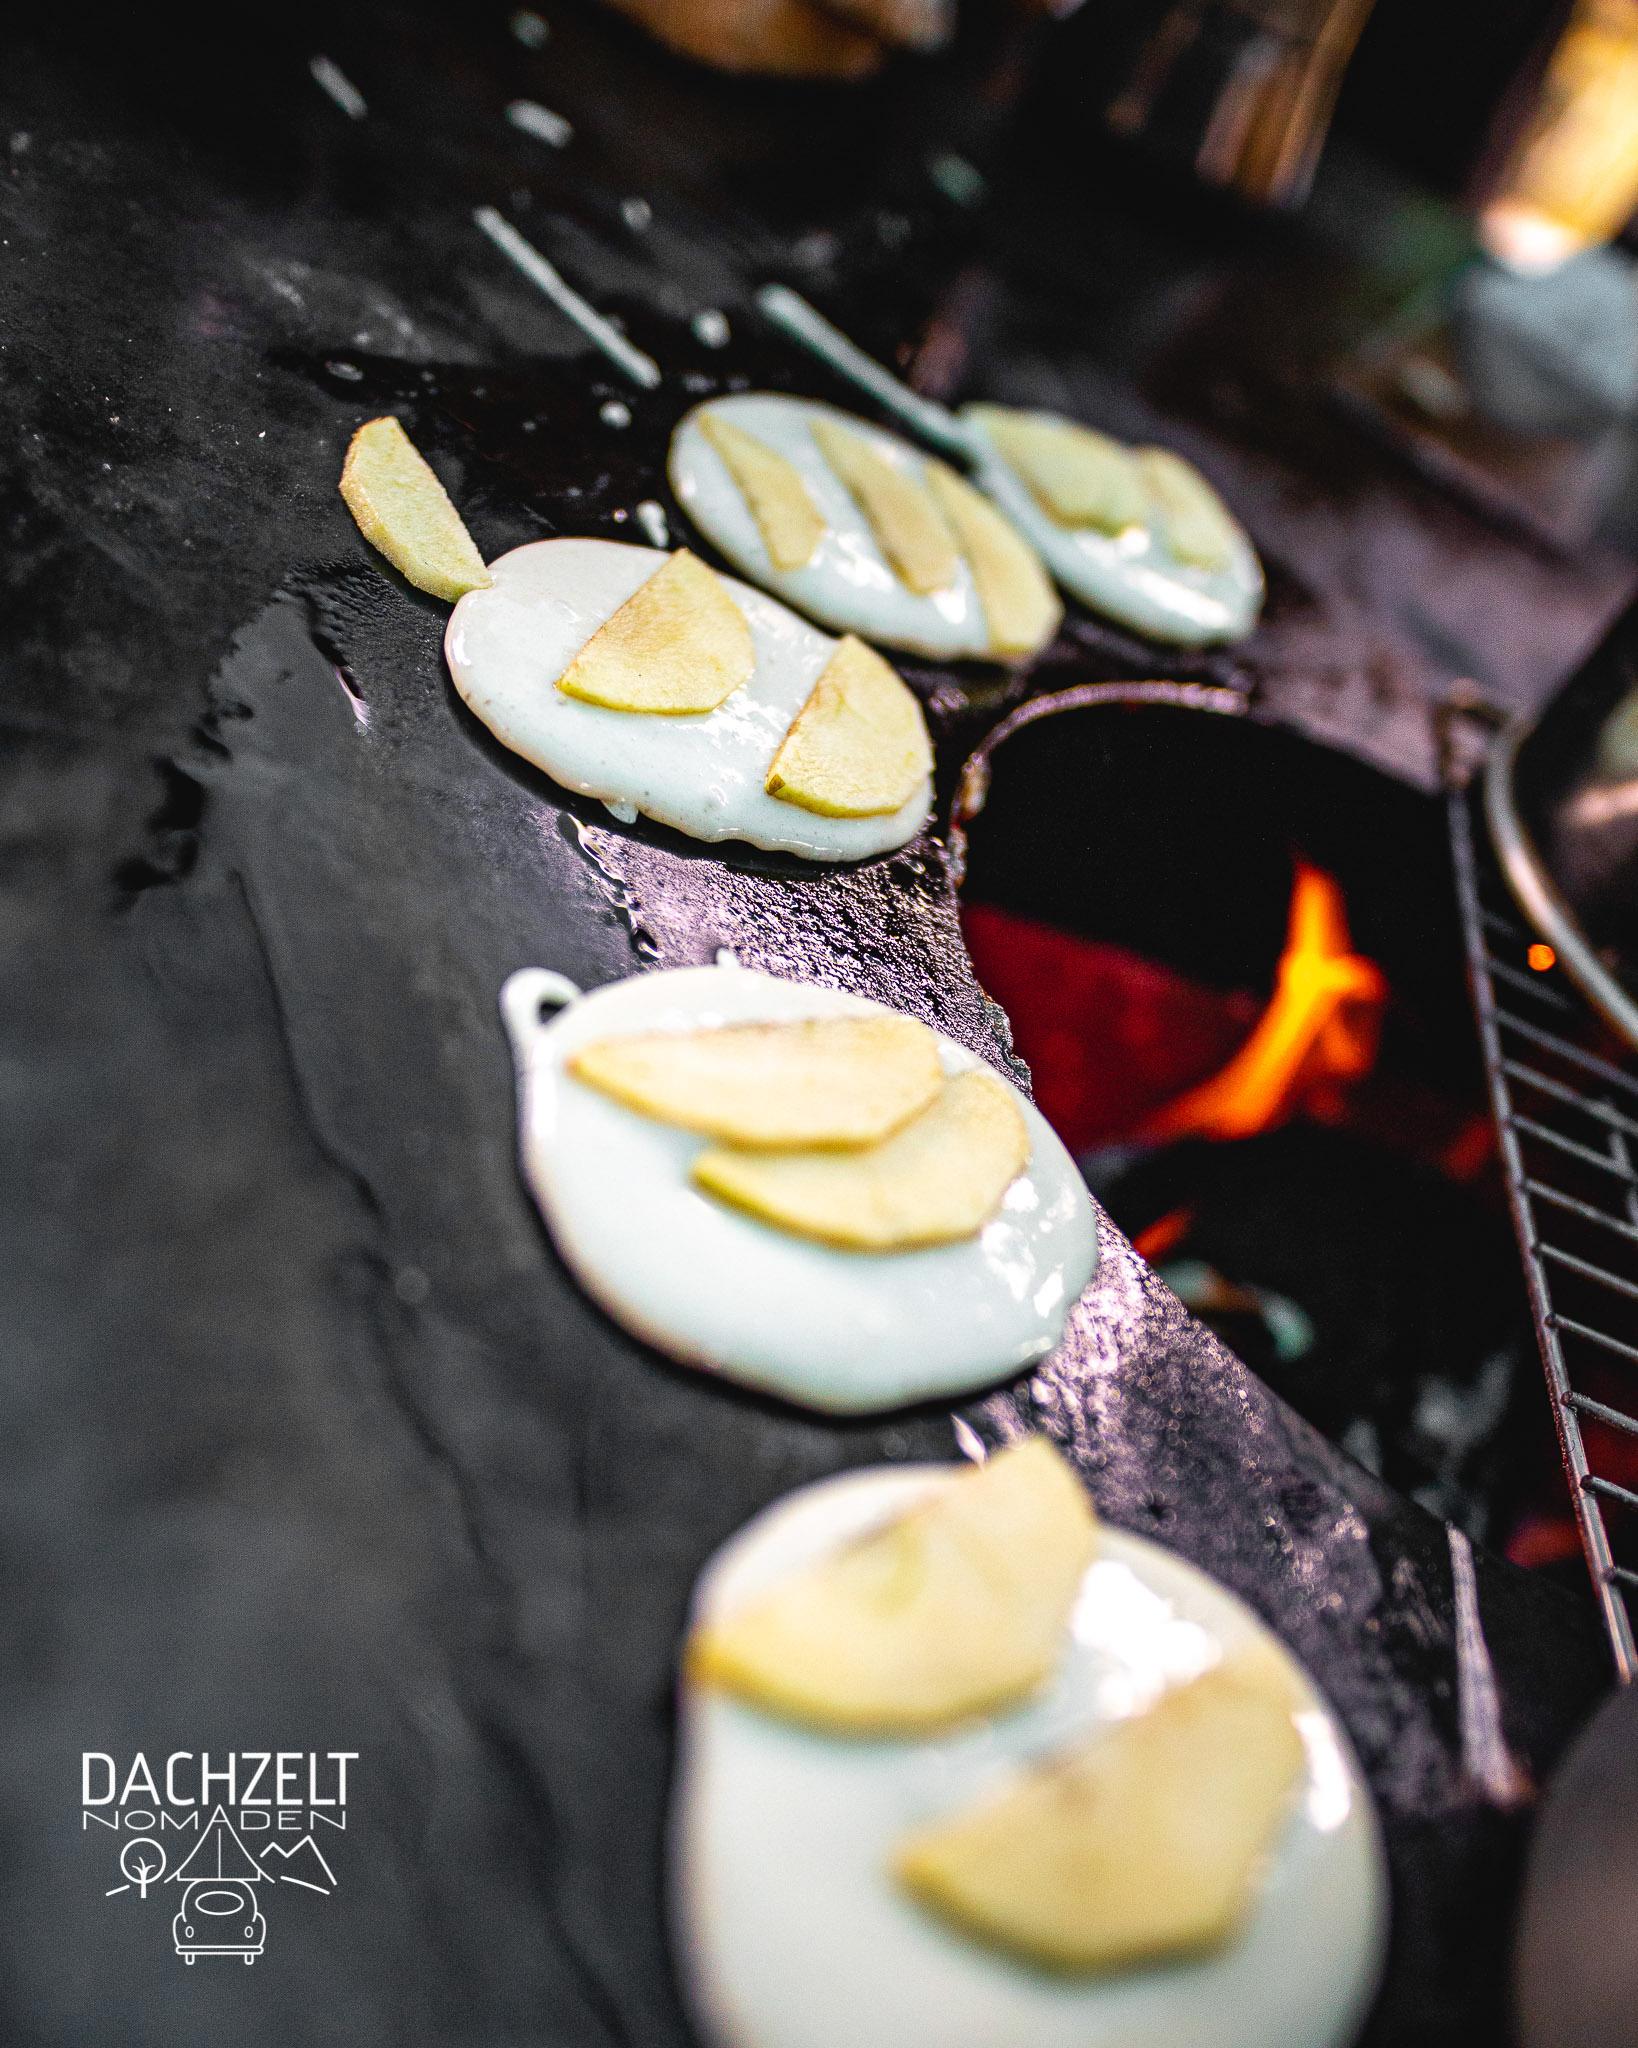 20191103-Dachzelt-Meetup-Bremen-Dennis-Brandt DB 1174-2